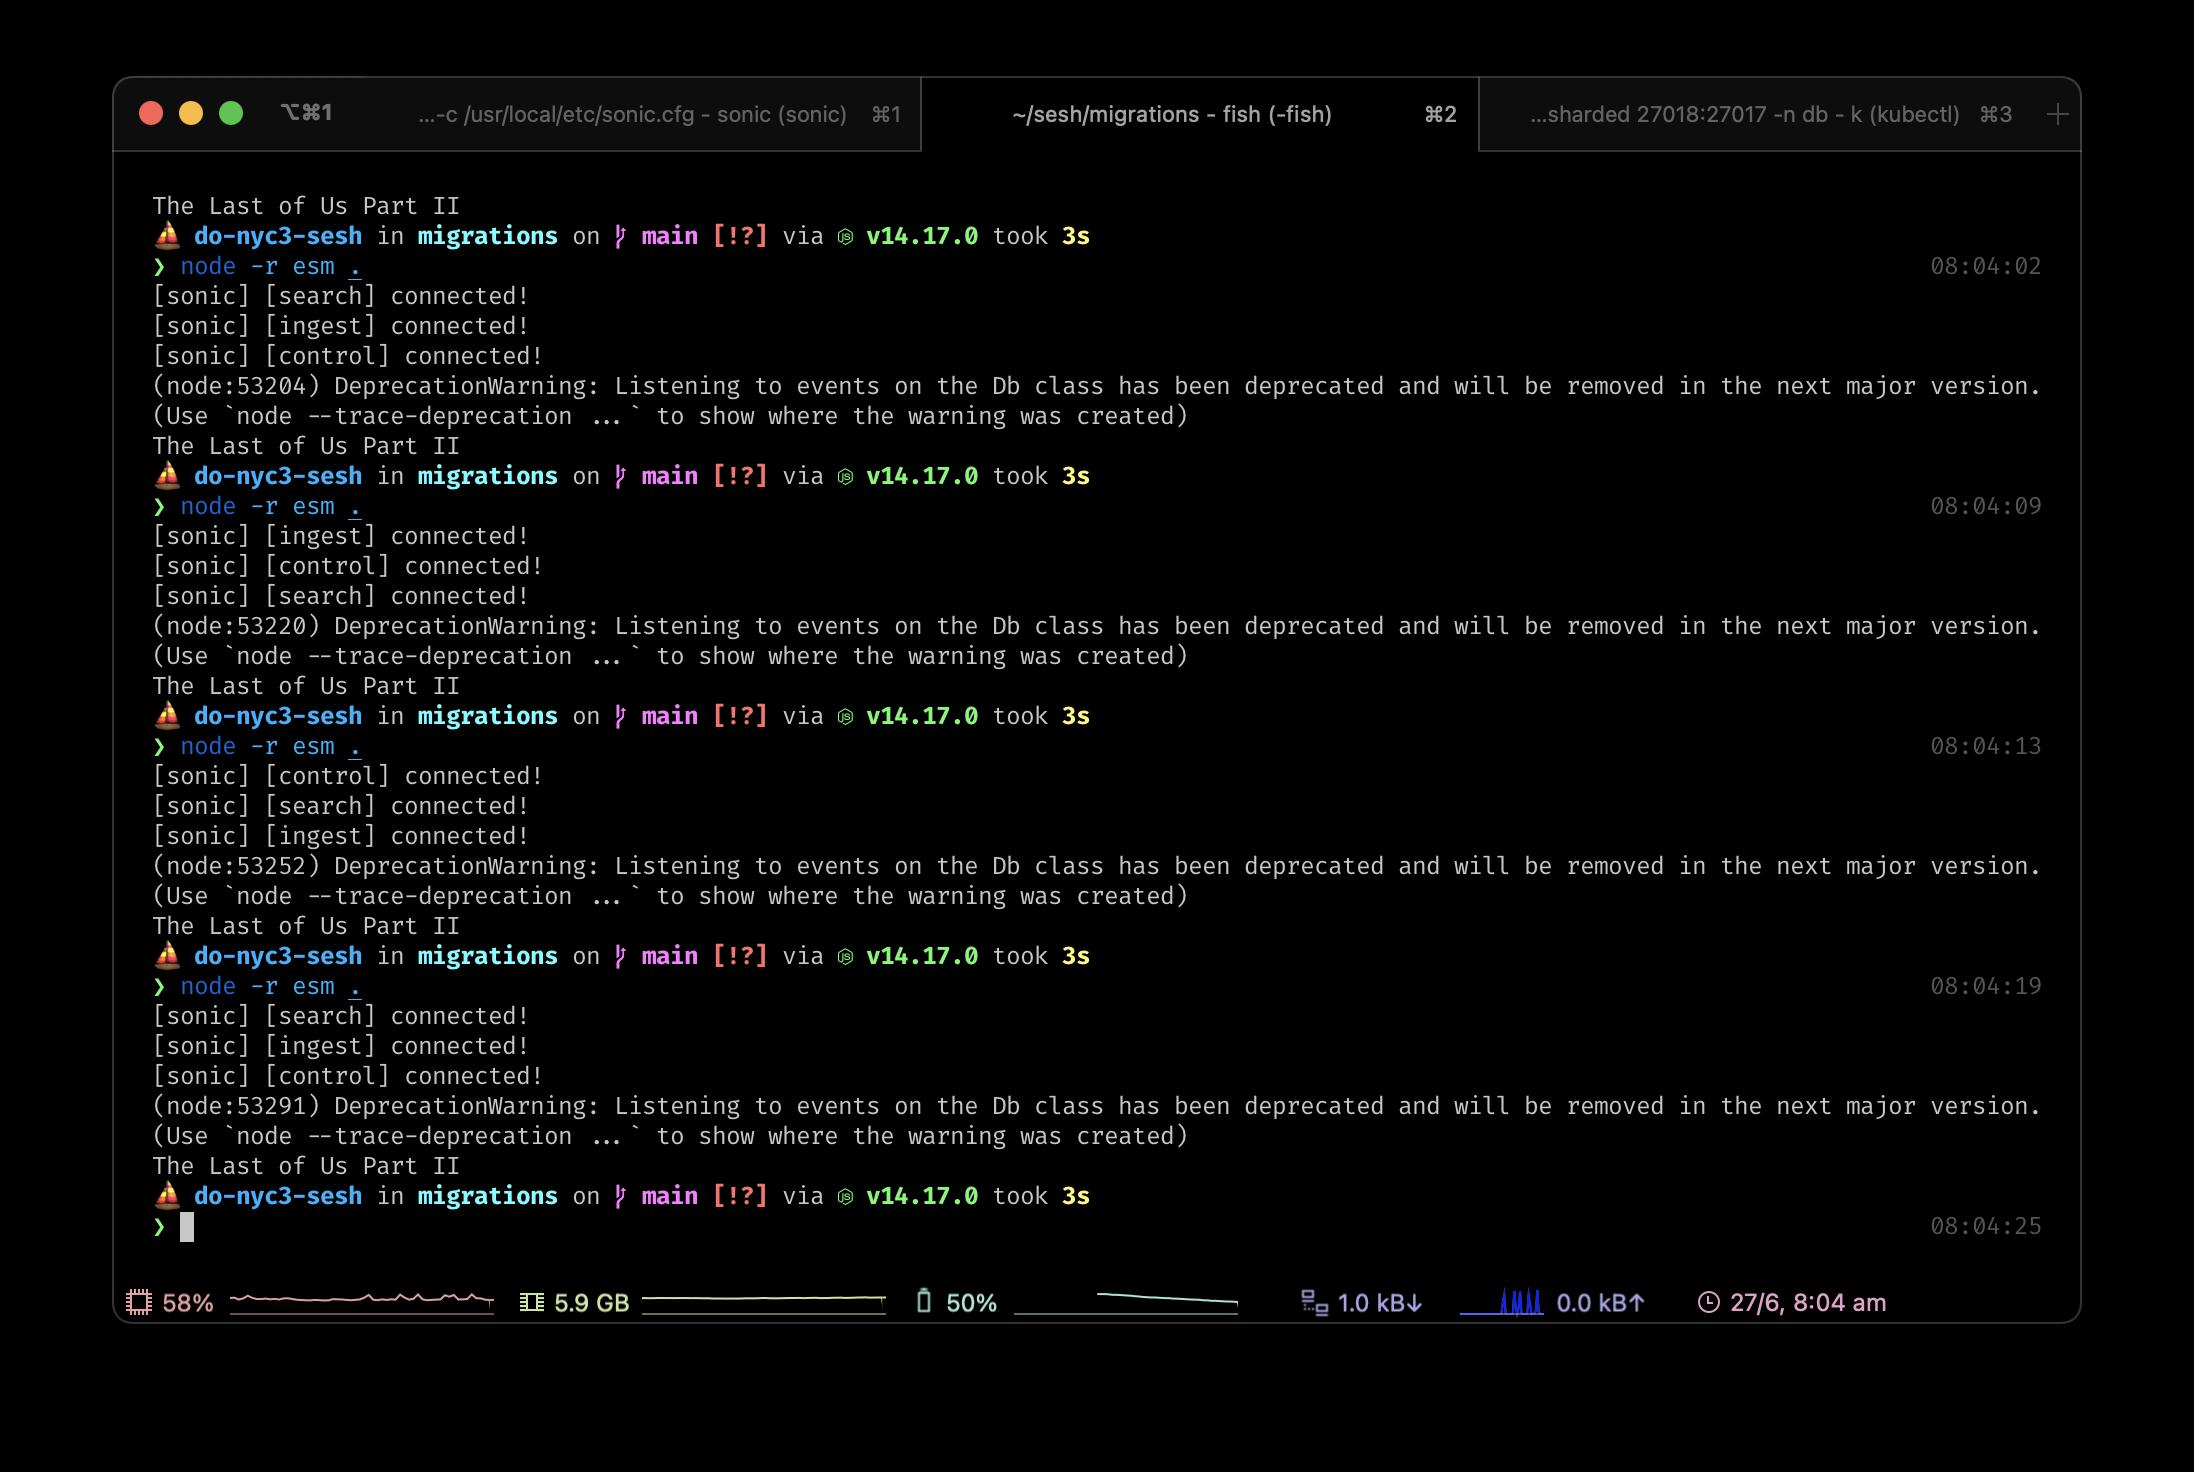 Screenshot 2021-06-27 at 8 04 31 am